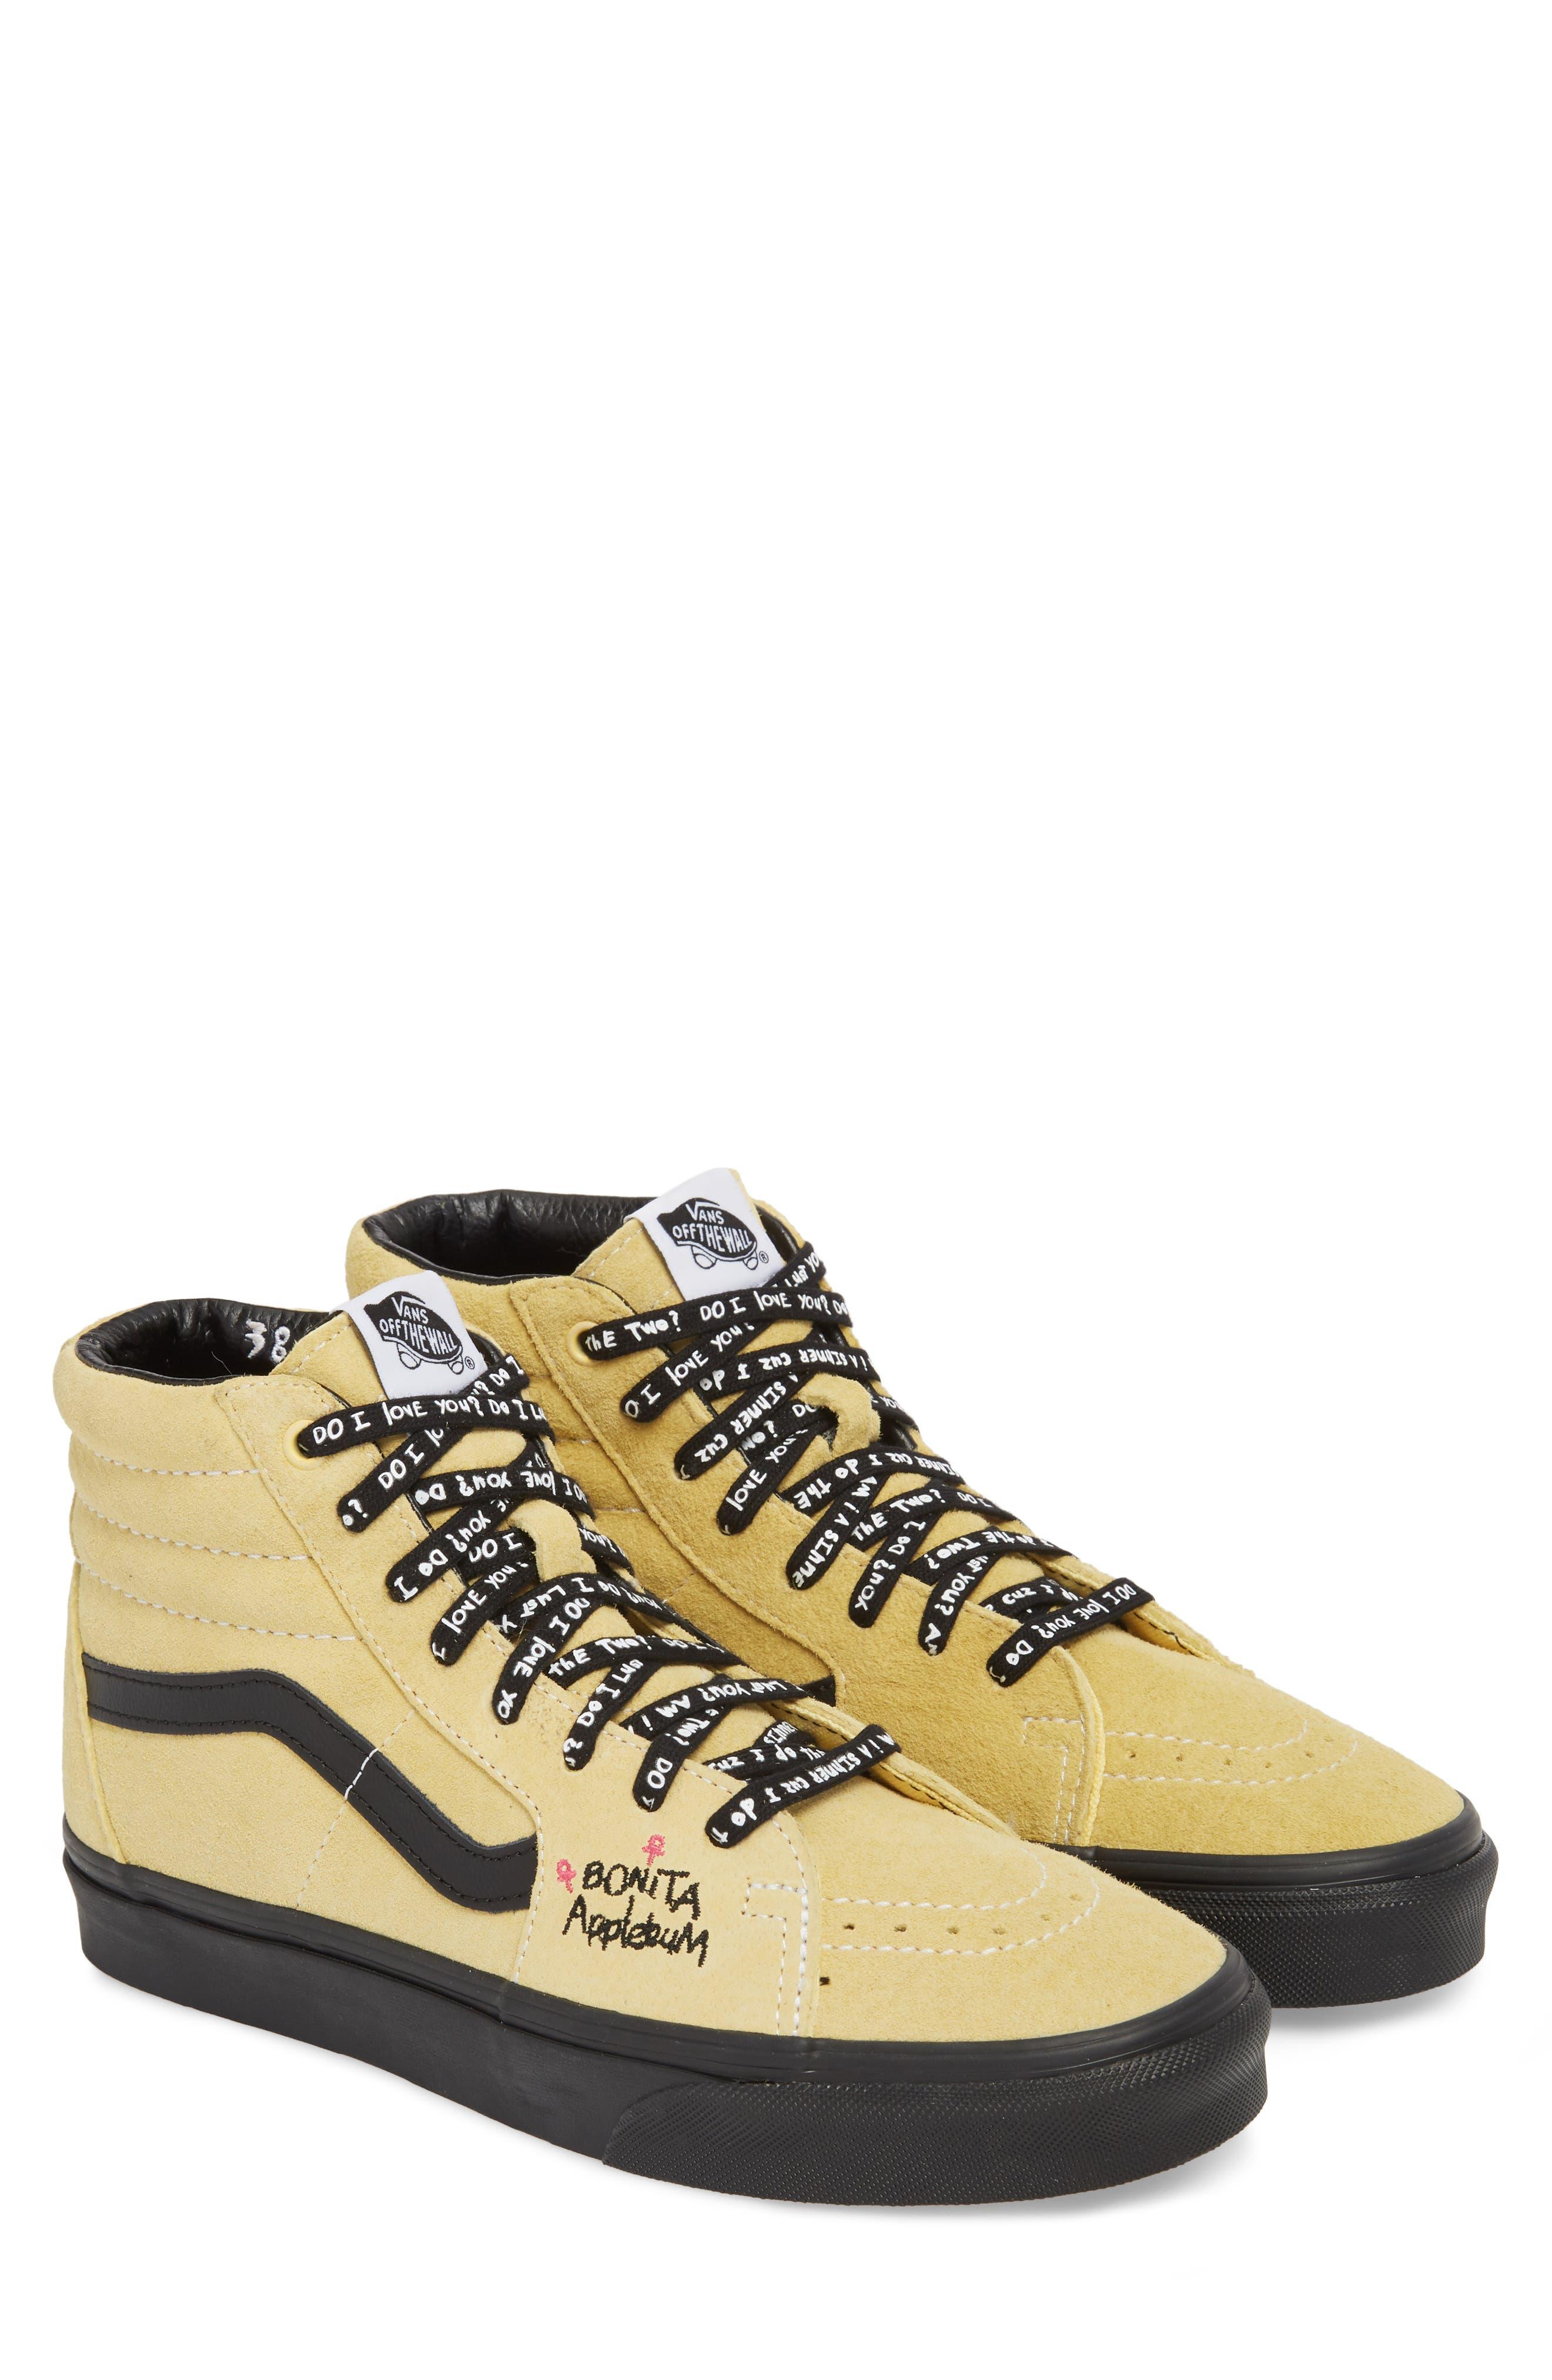 ATCQ Sk8-Hi Sneaker,                             Main thumbnail 1, color,                             Mellow Yellow/ Spectra Yellow